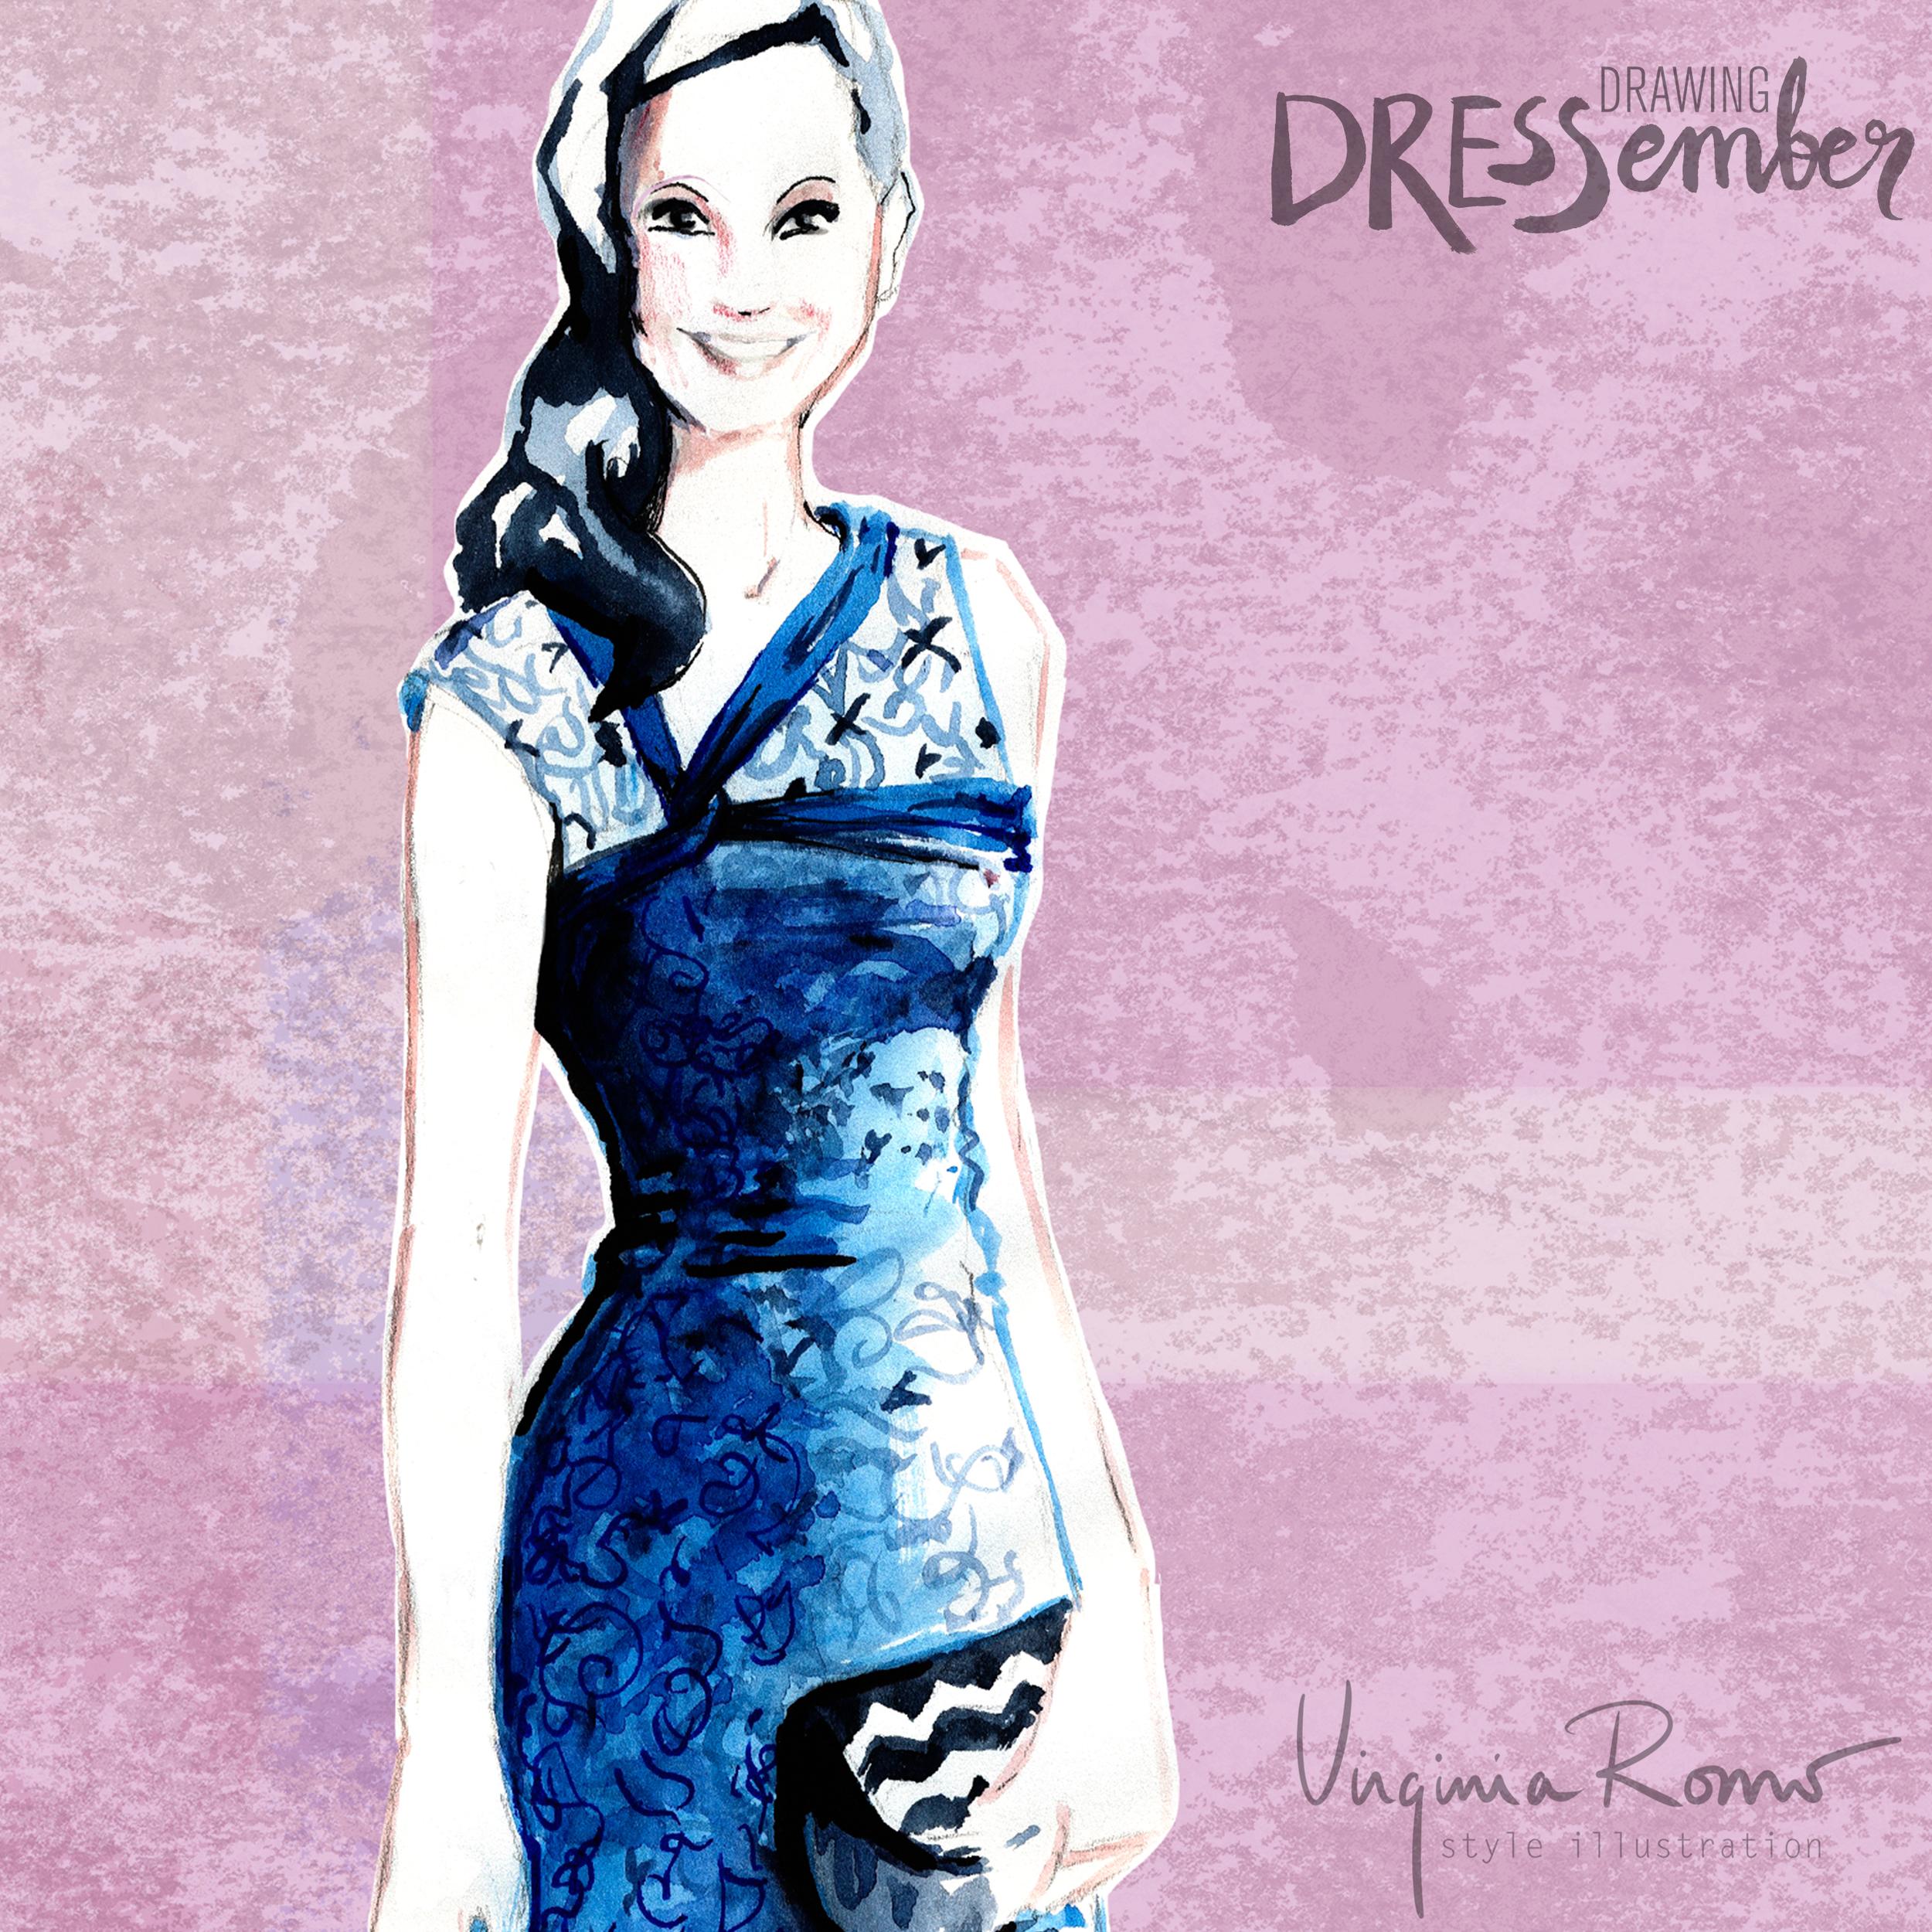 dressember-VirginiaRomoIllustration-09-Naomi-IG-BIG.jpg